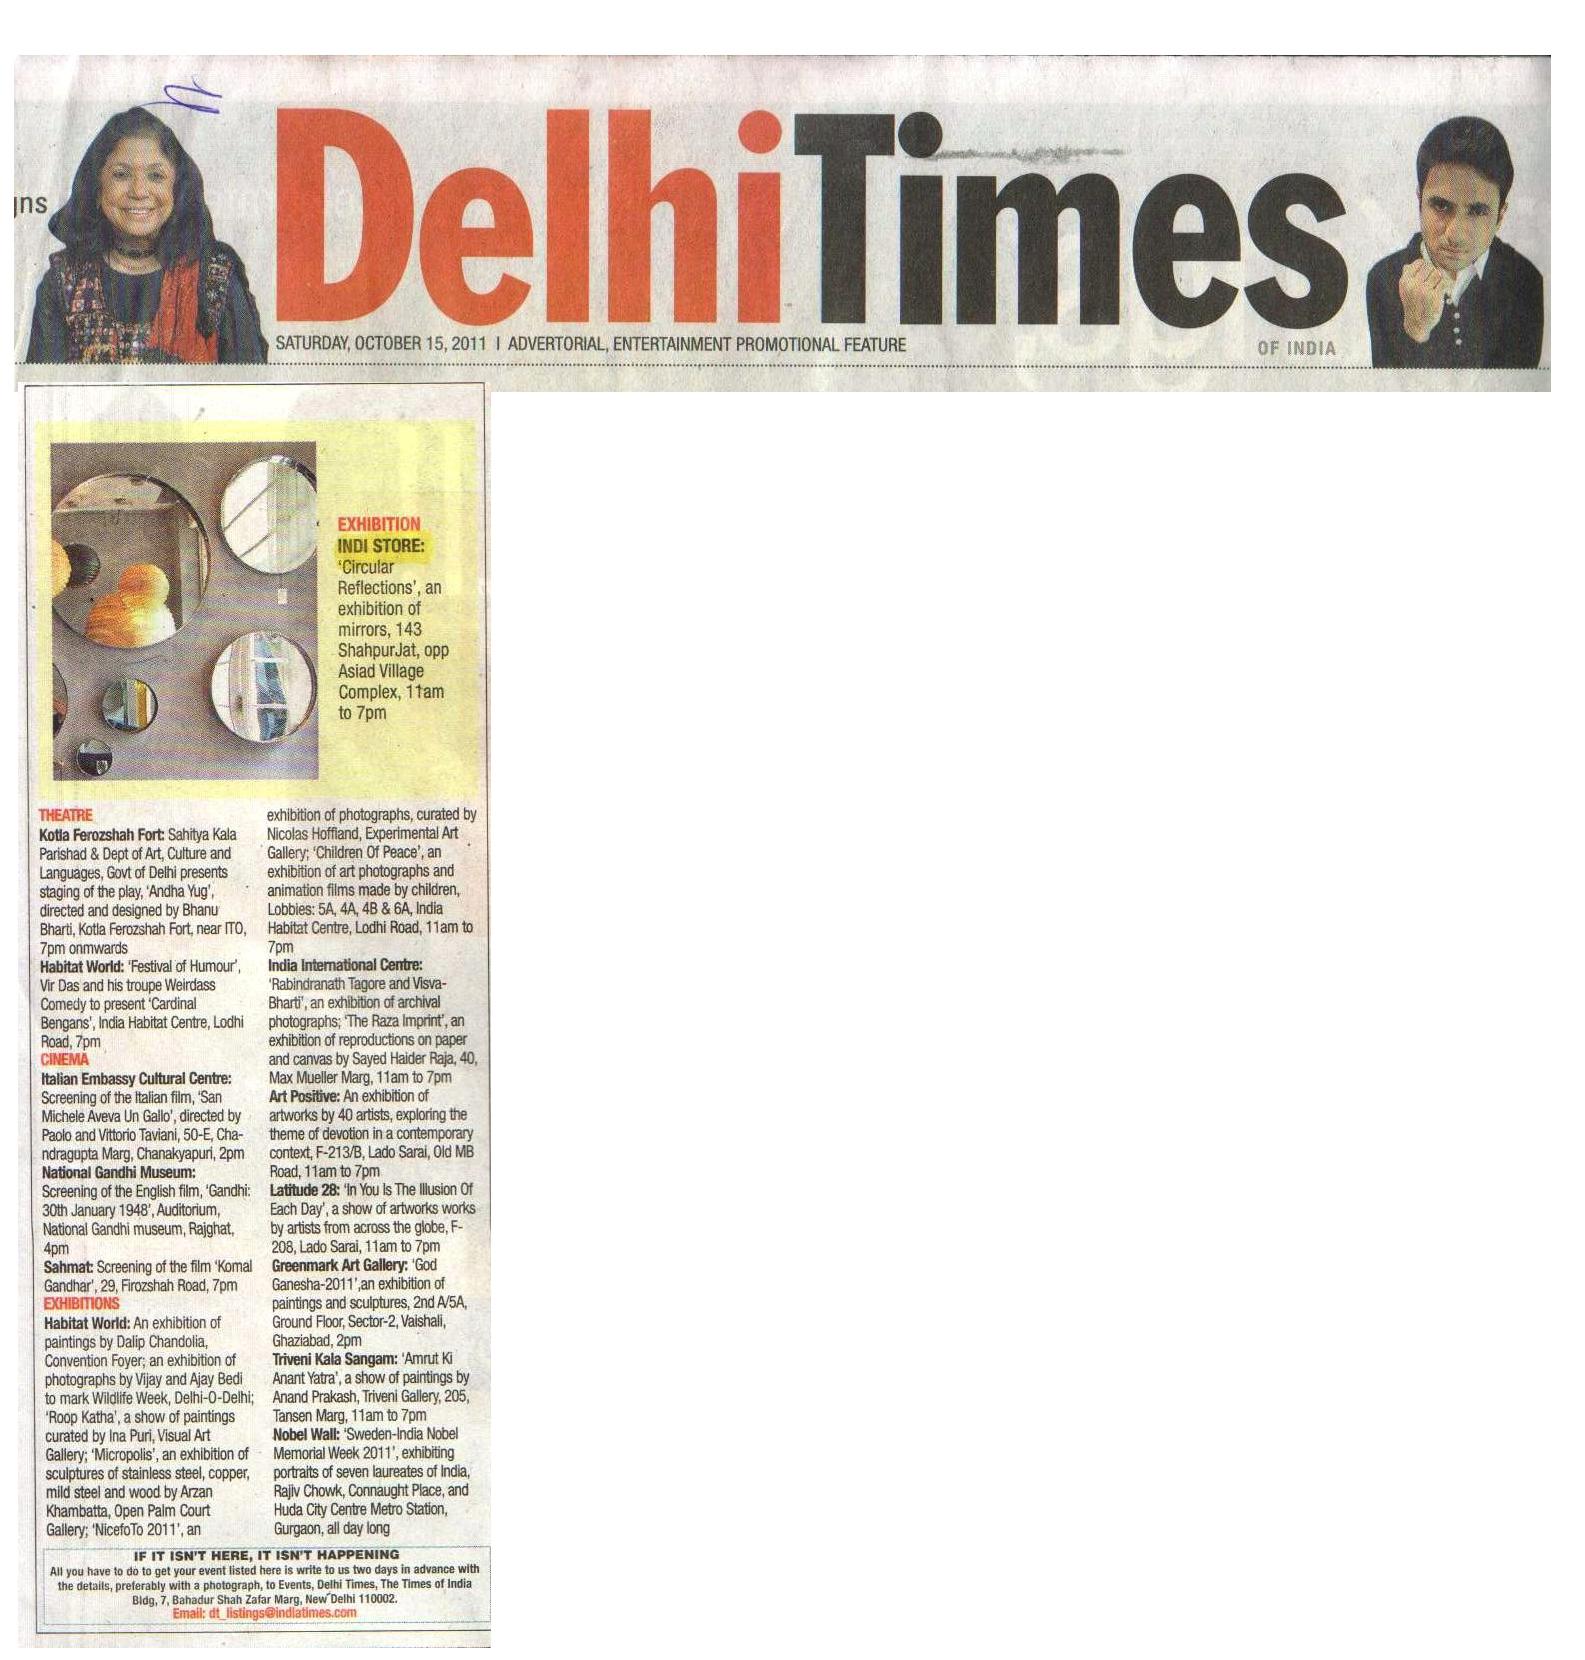 Delhi Times '11